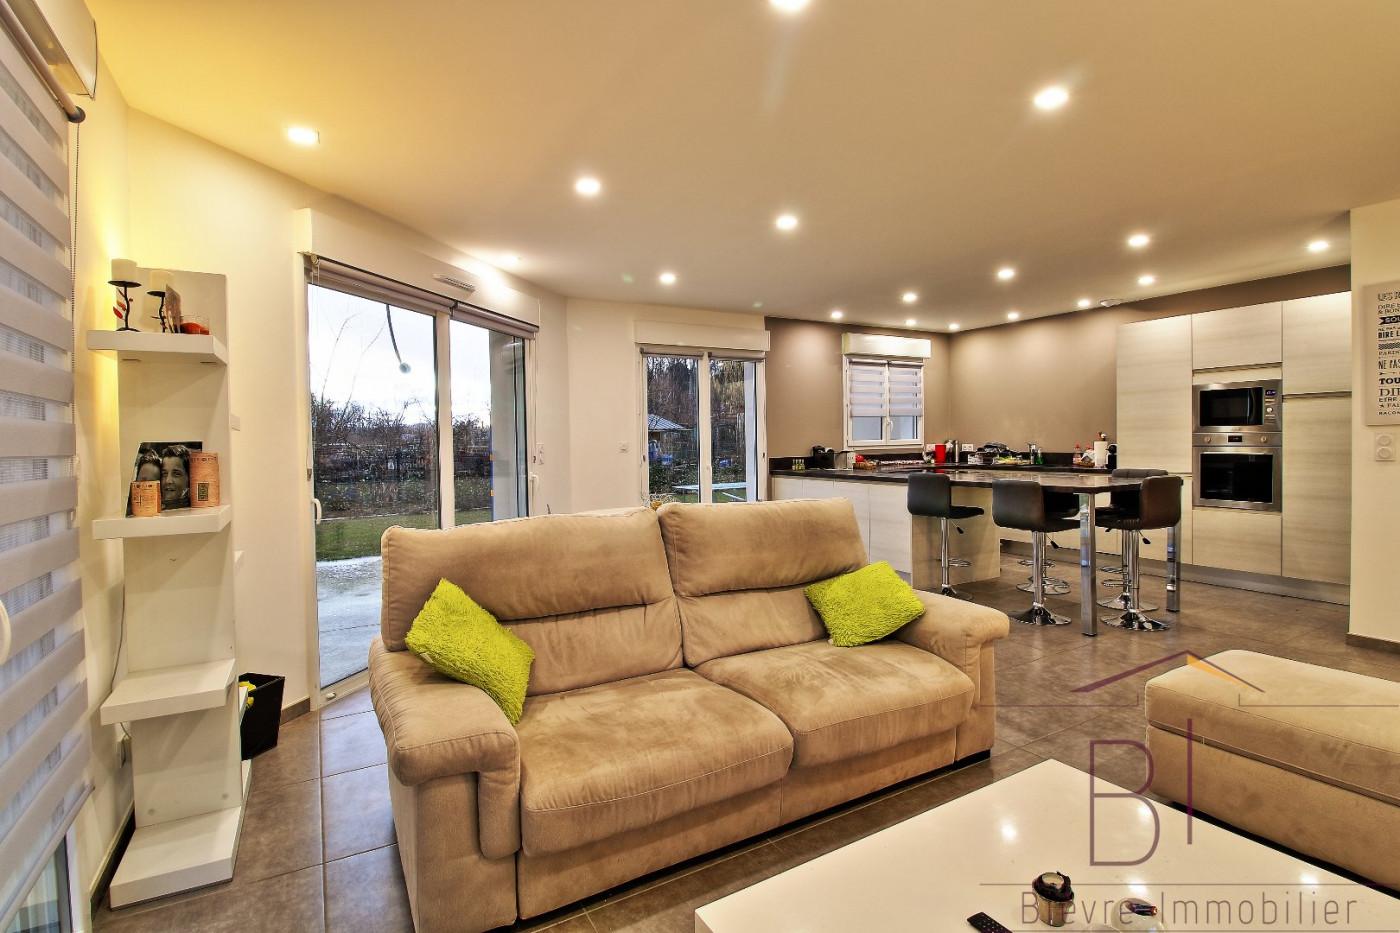 A vendre Voiron 380421854 Bievre immobilier